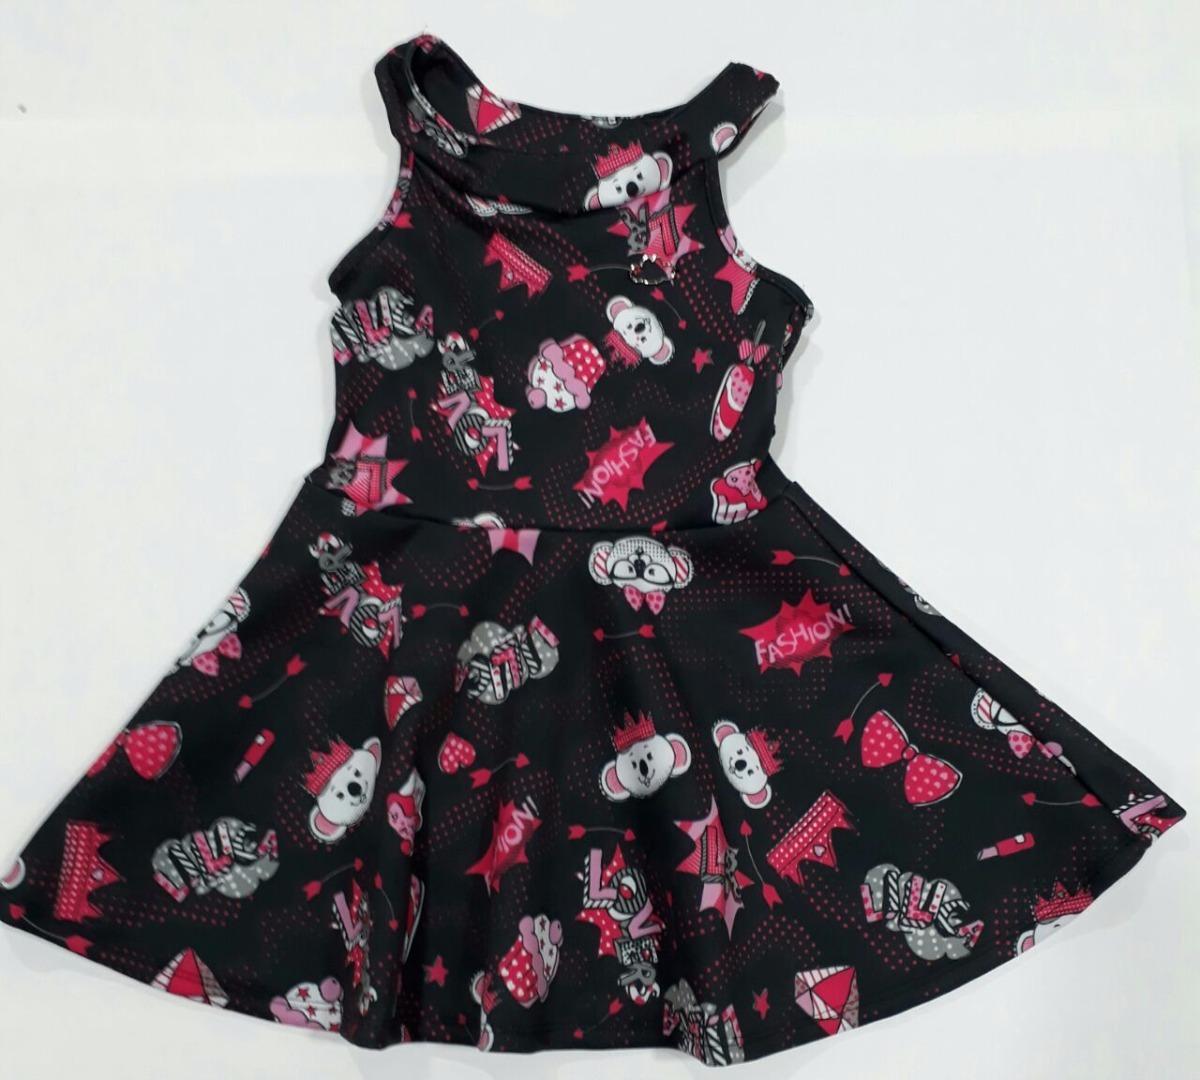 70a6d3e812 Vestido Infantil Lilica Ripilica Preto Original Swh23 - R  259